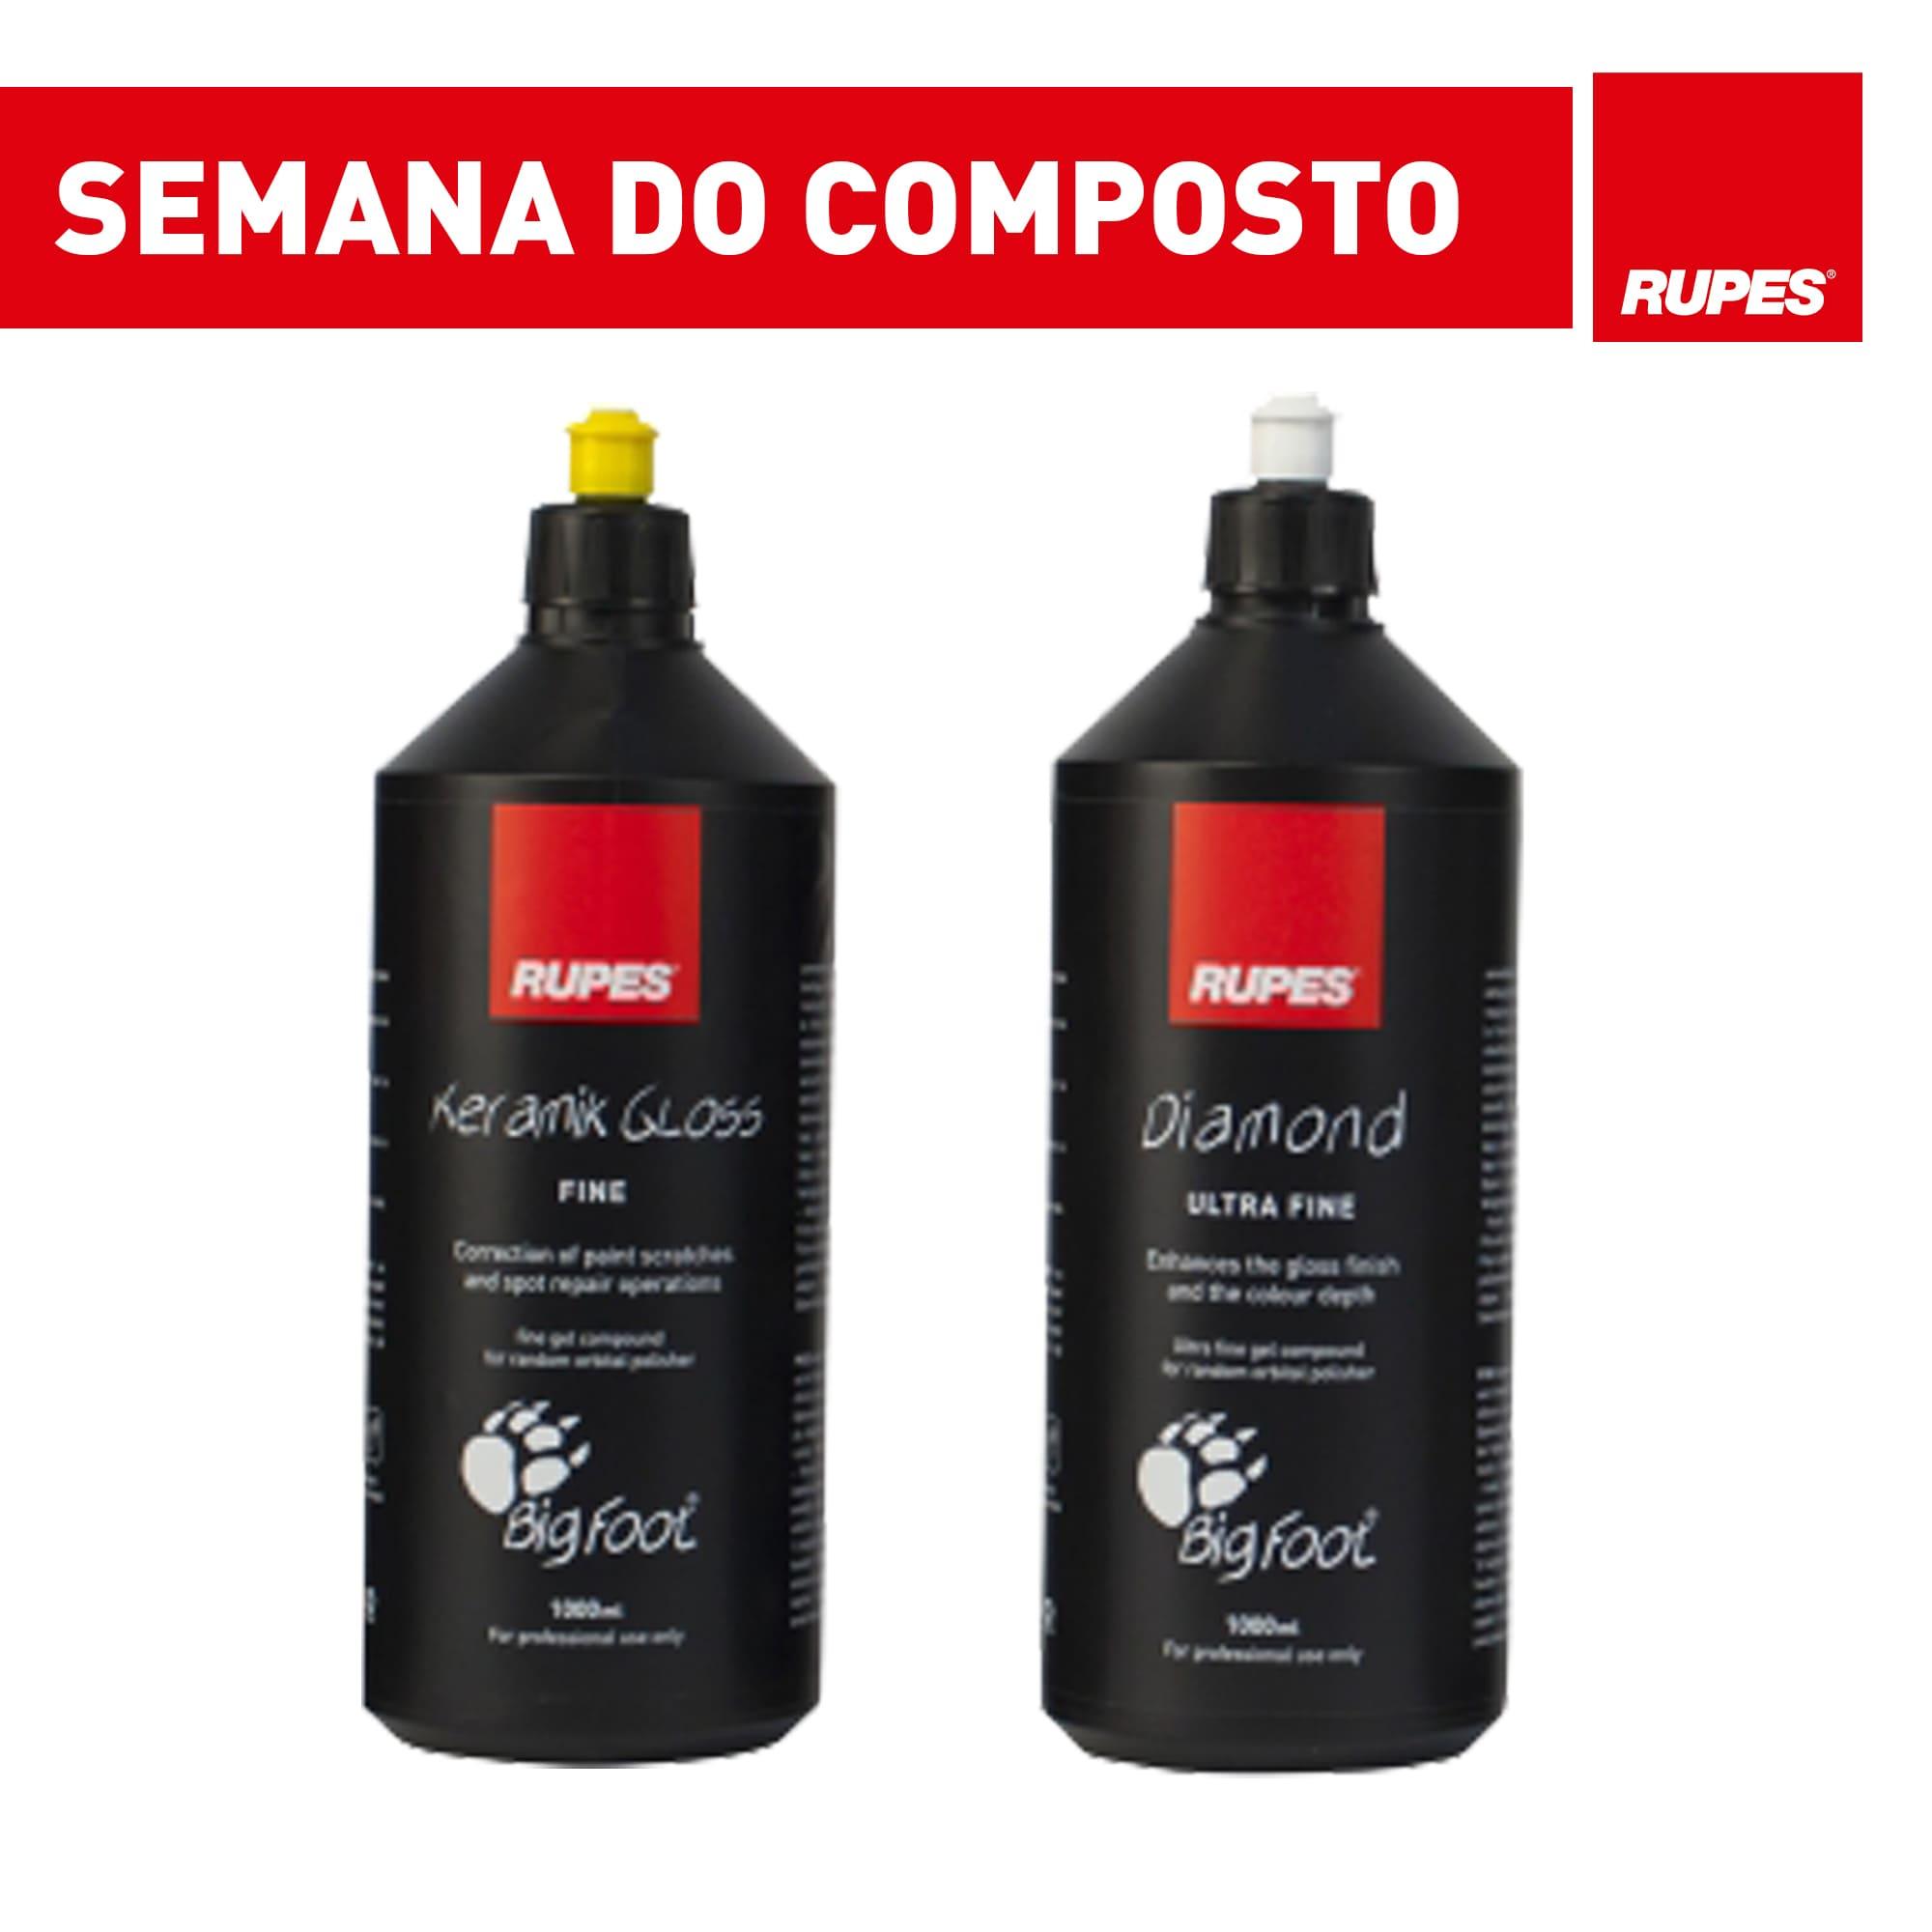 KIT com 2 Compostos Rupes - Lustro e Super lustro - Promoção Semana do Composto  - Rupes Brasil